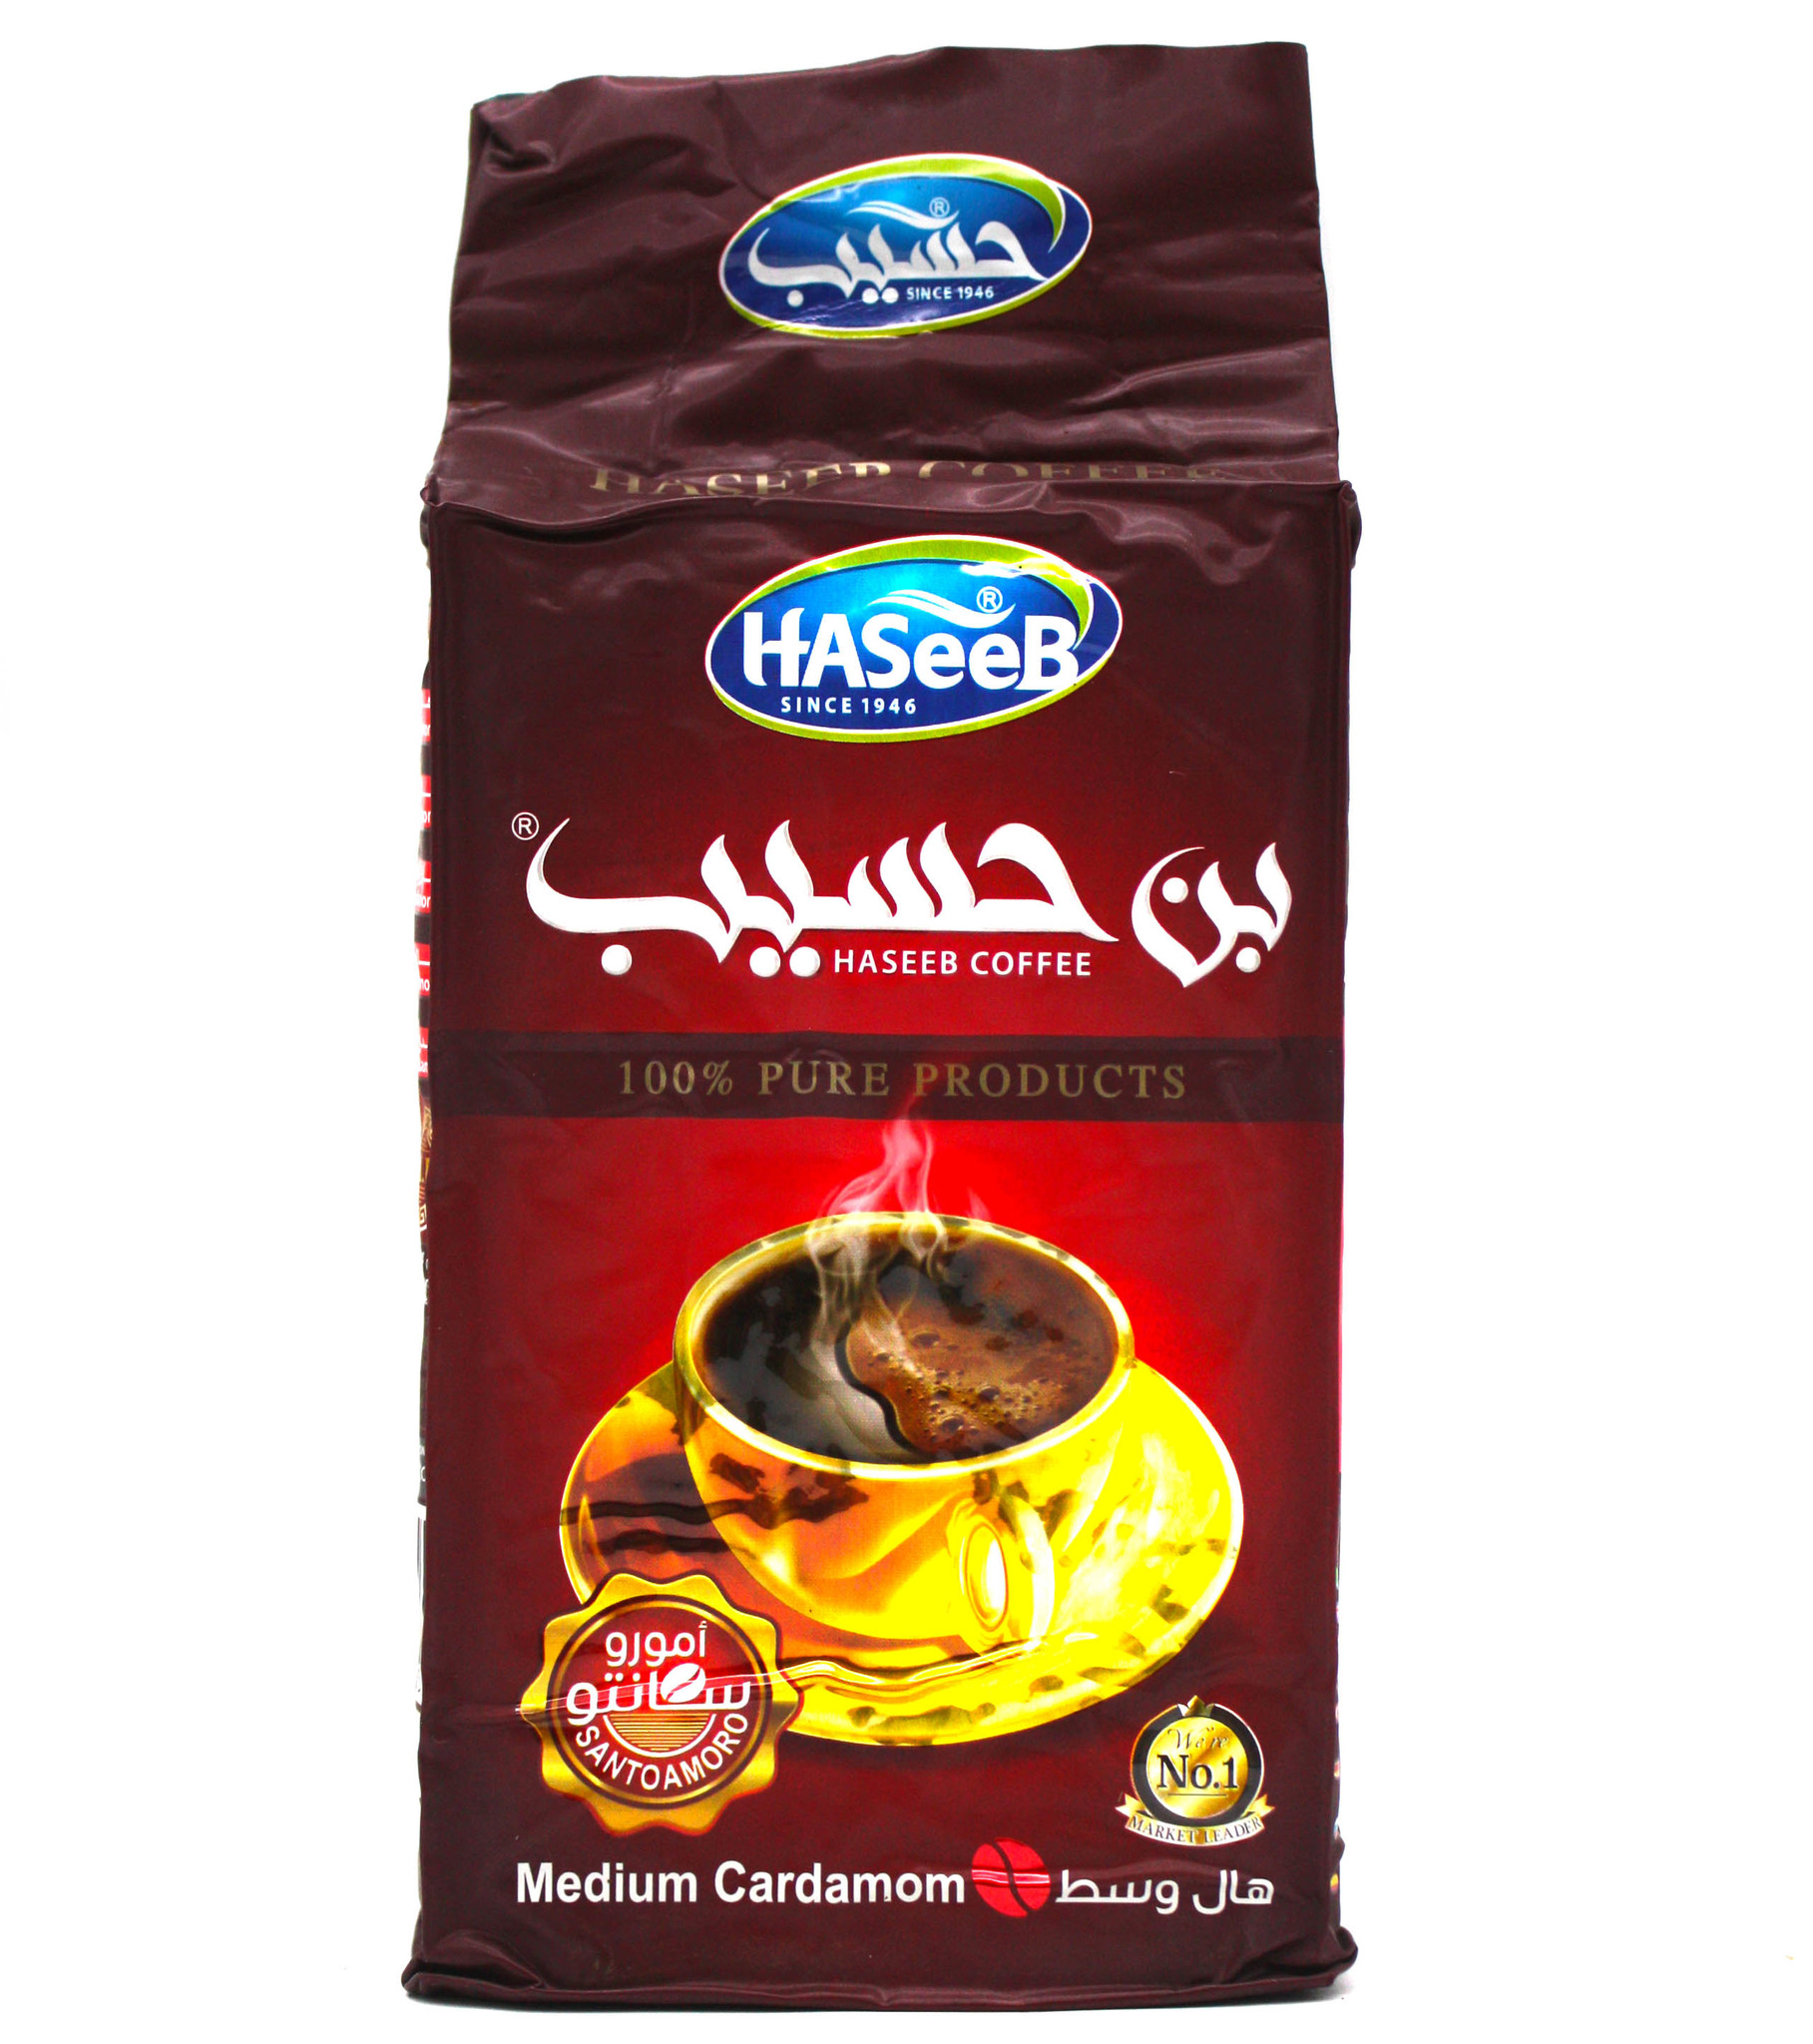 Кофе молотый Арабский кофе Medium Cardamom, Haseeb, 500 г import_files_1e_1ef3f6701b1a11e9a9a6484d7ecee297_1ef3f6911b1a11e9a9a6484d7ecee297.jpg